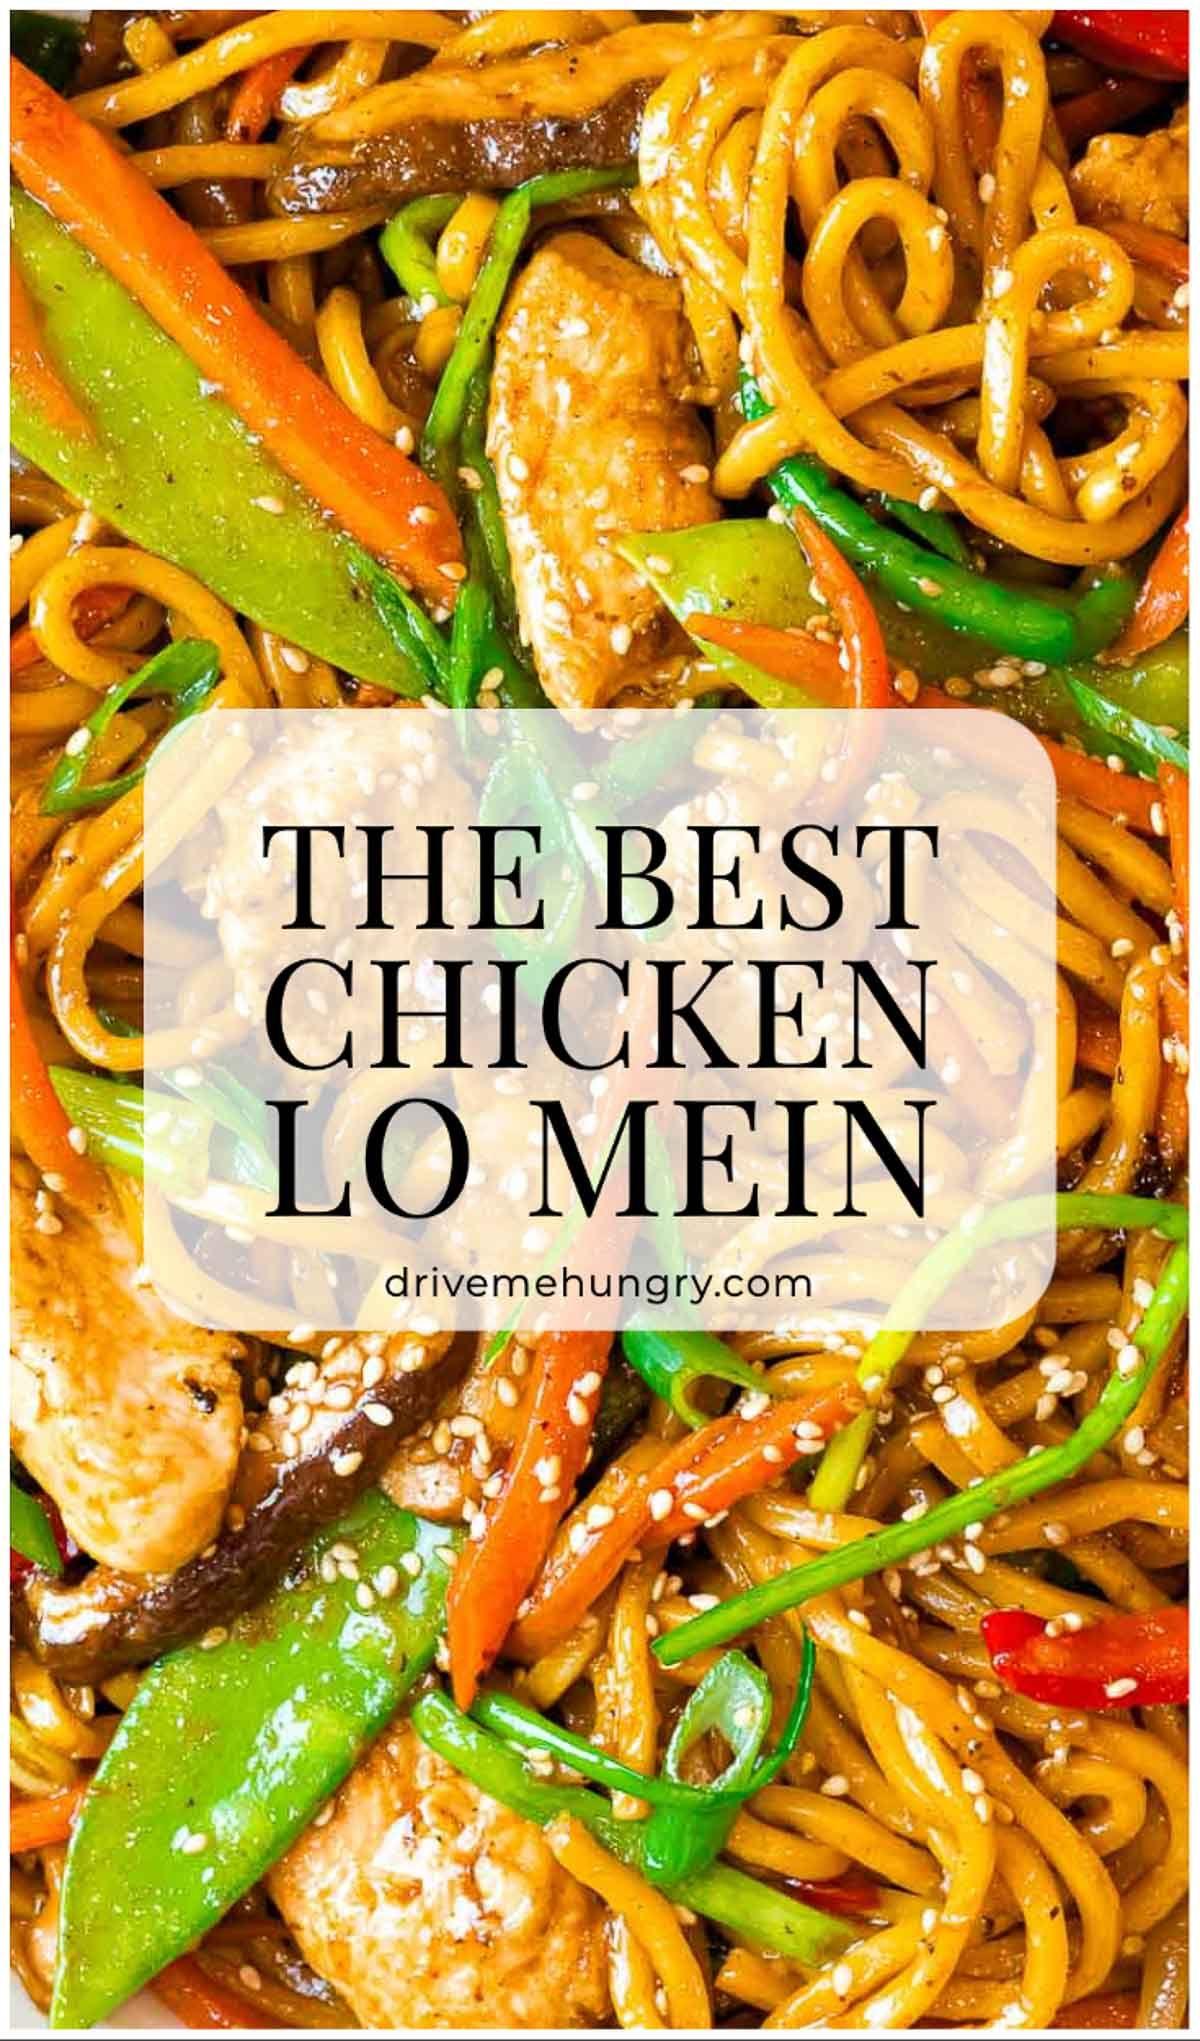 The Best Chicken Lo Mein Recipe In 2020 Chicken Lo Mein Lo Mein Recipes Chicken Lo Mein Recipe